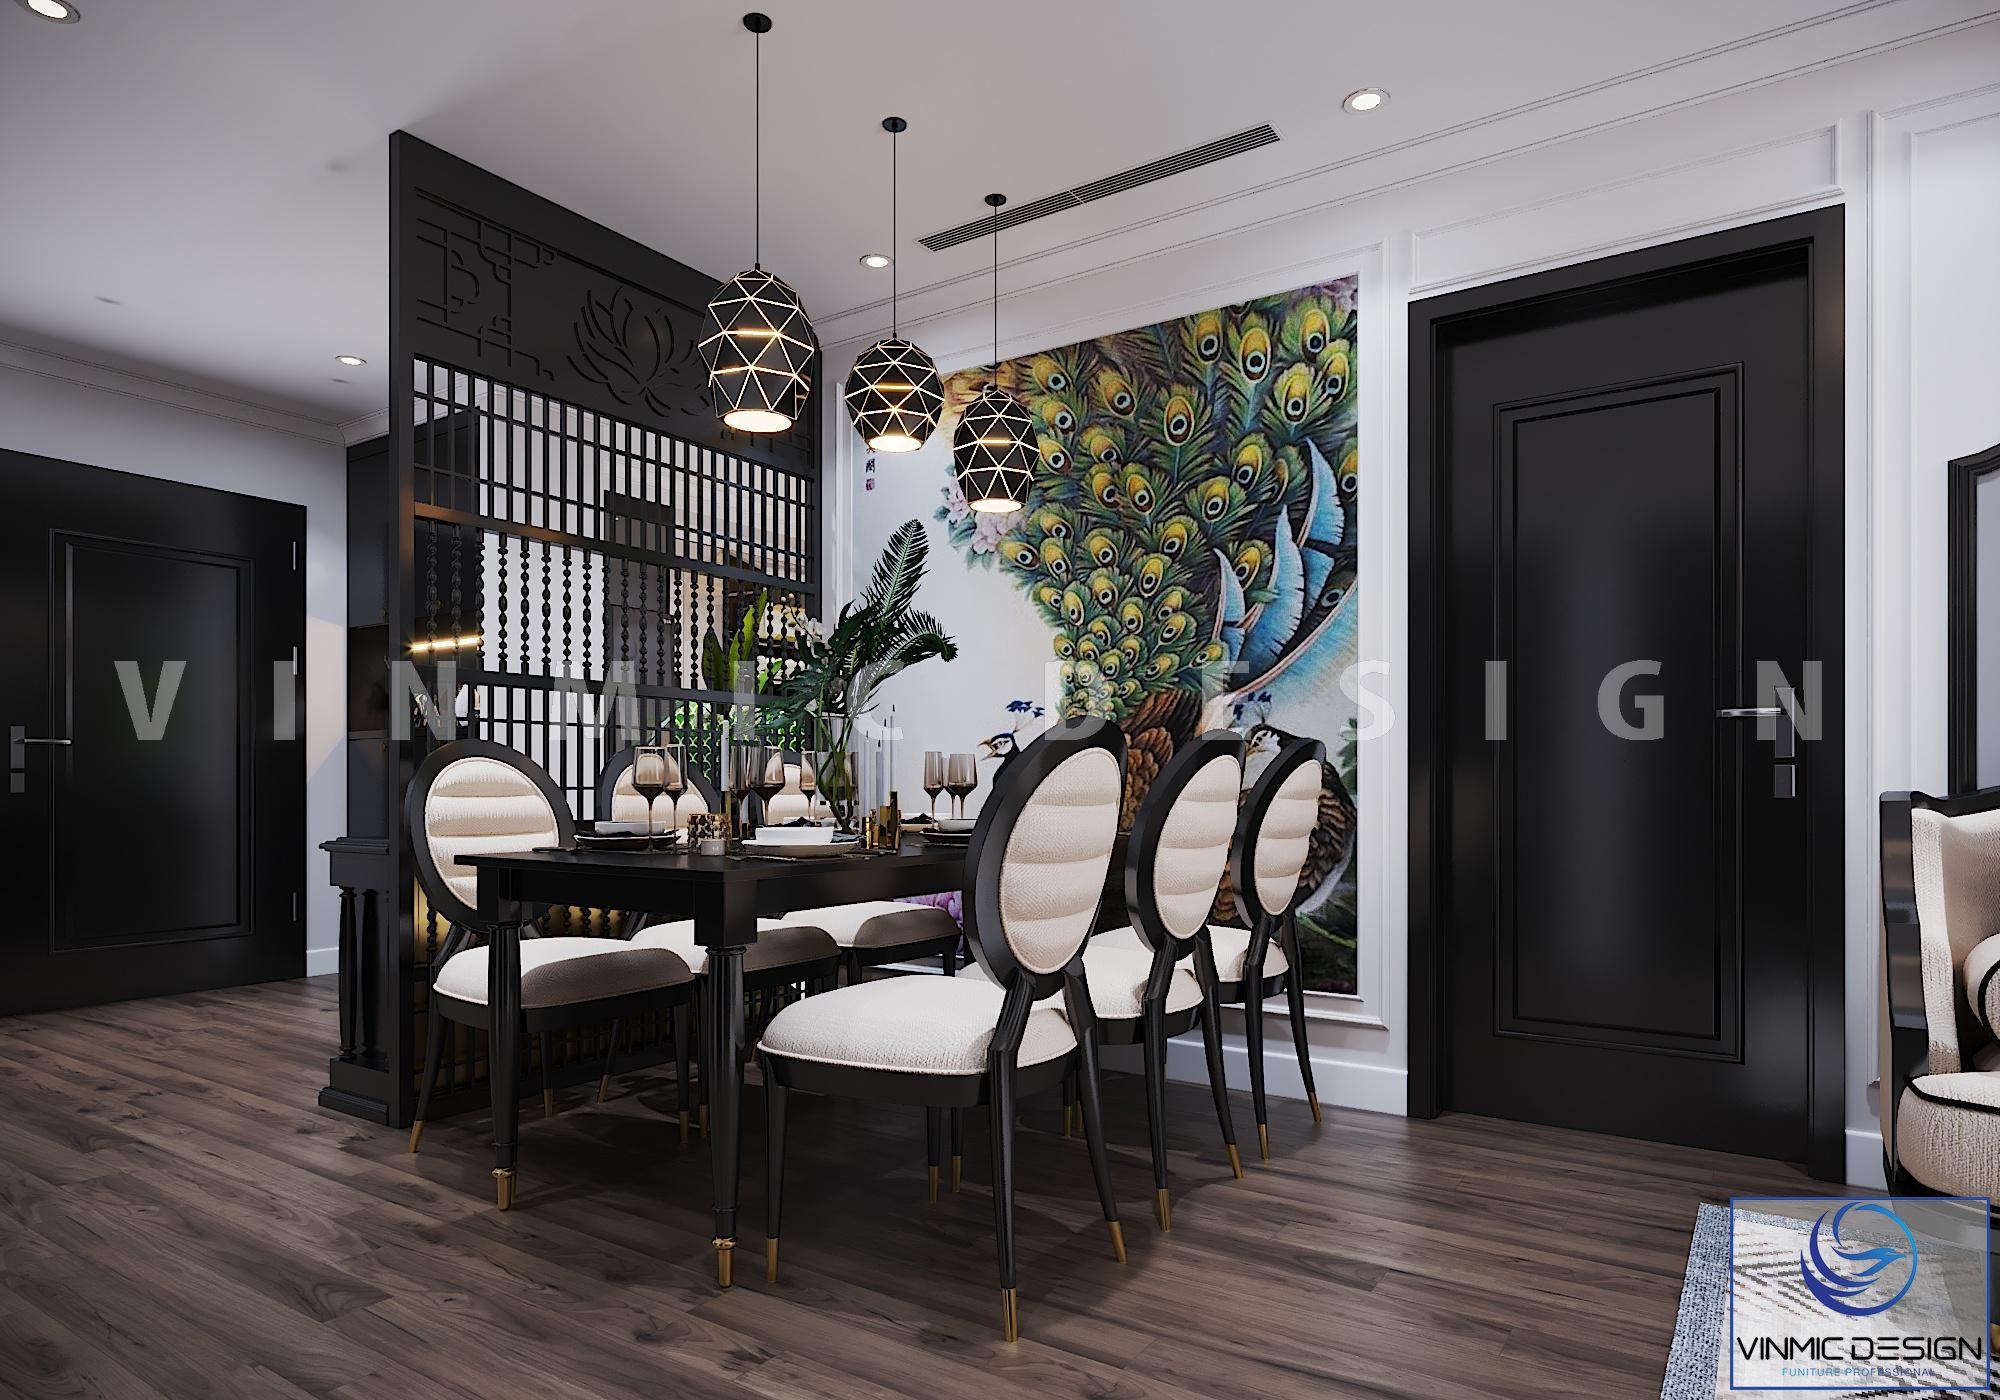 Bàn ăn phong cách Indochine (Á Đông) ấn tượng tại chung cư Vinhomes Metropolis